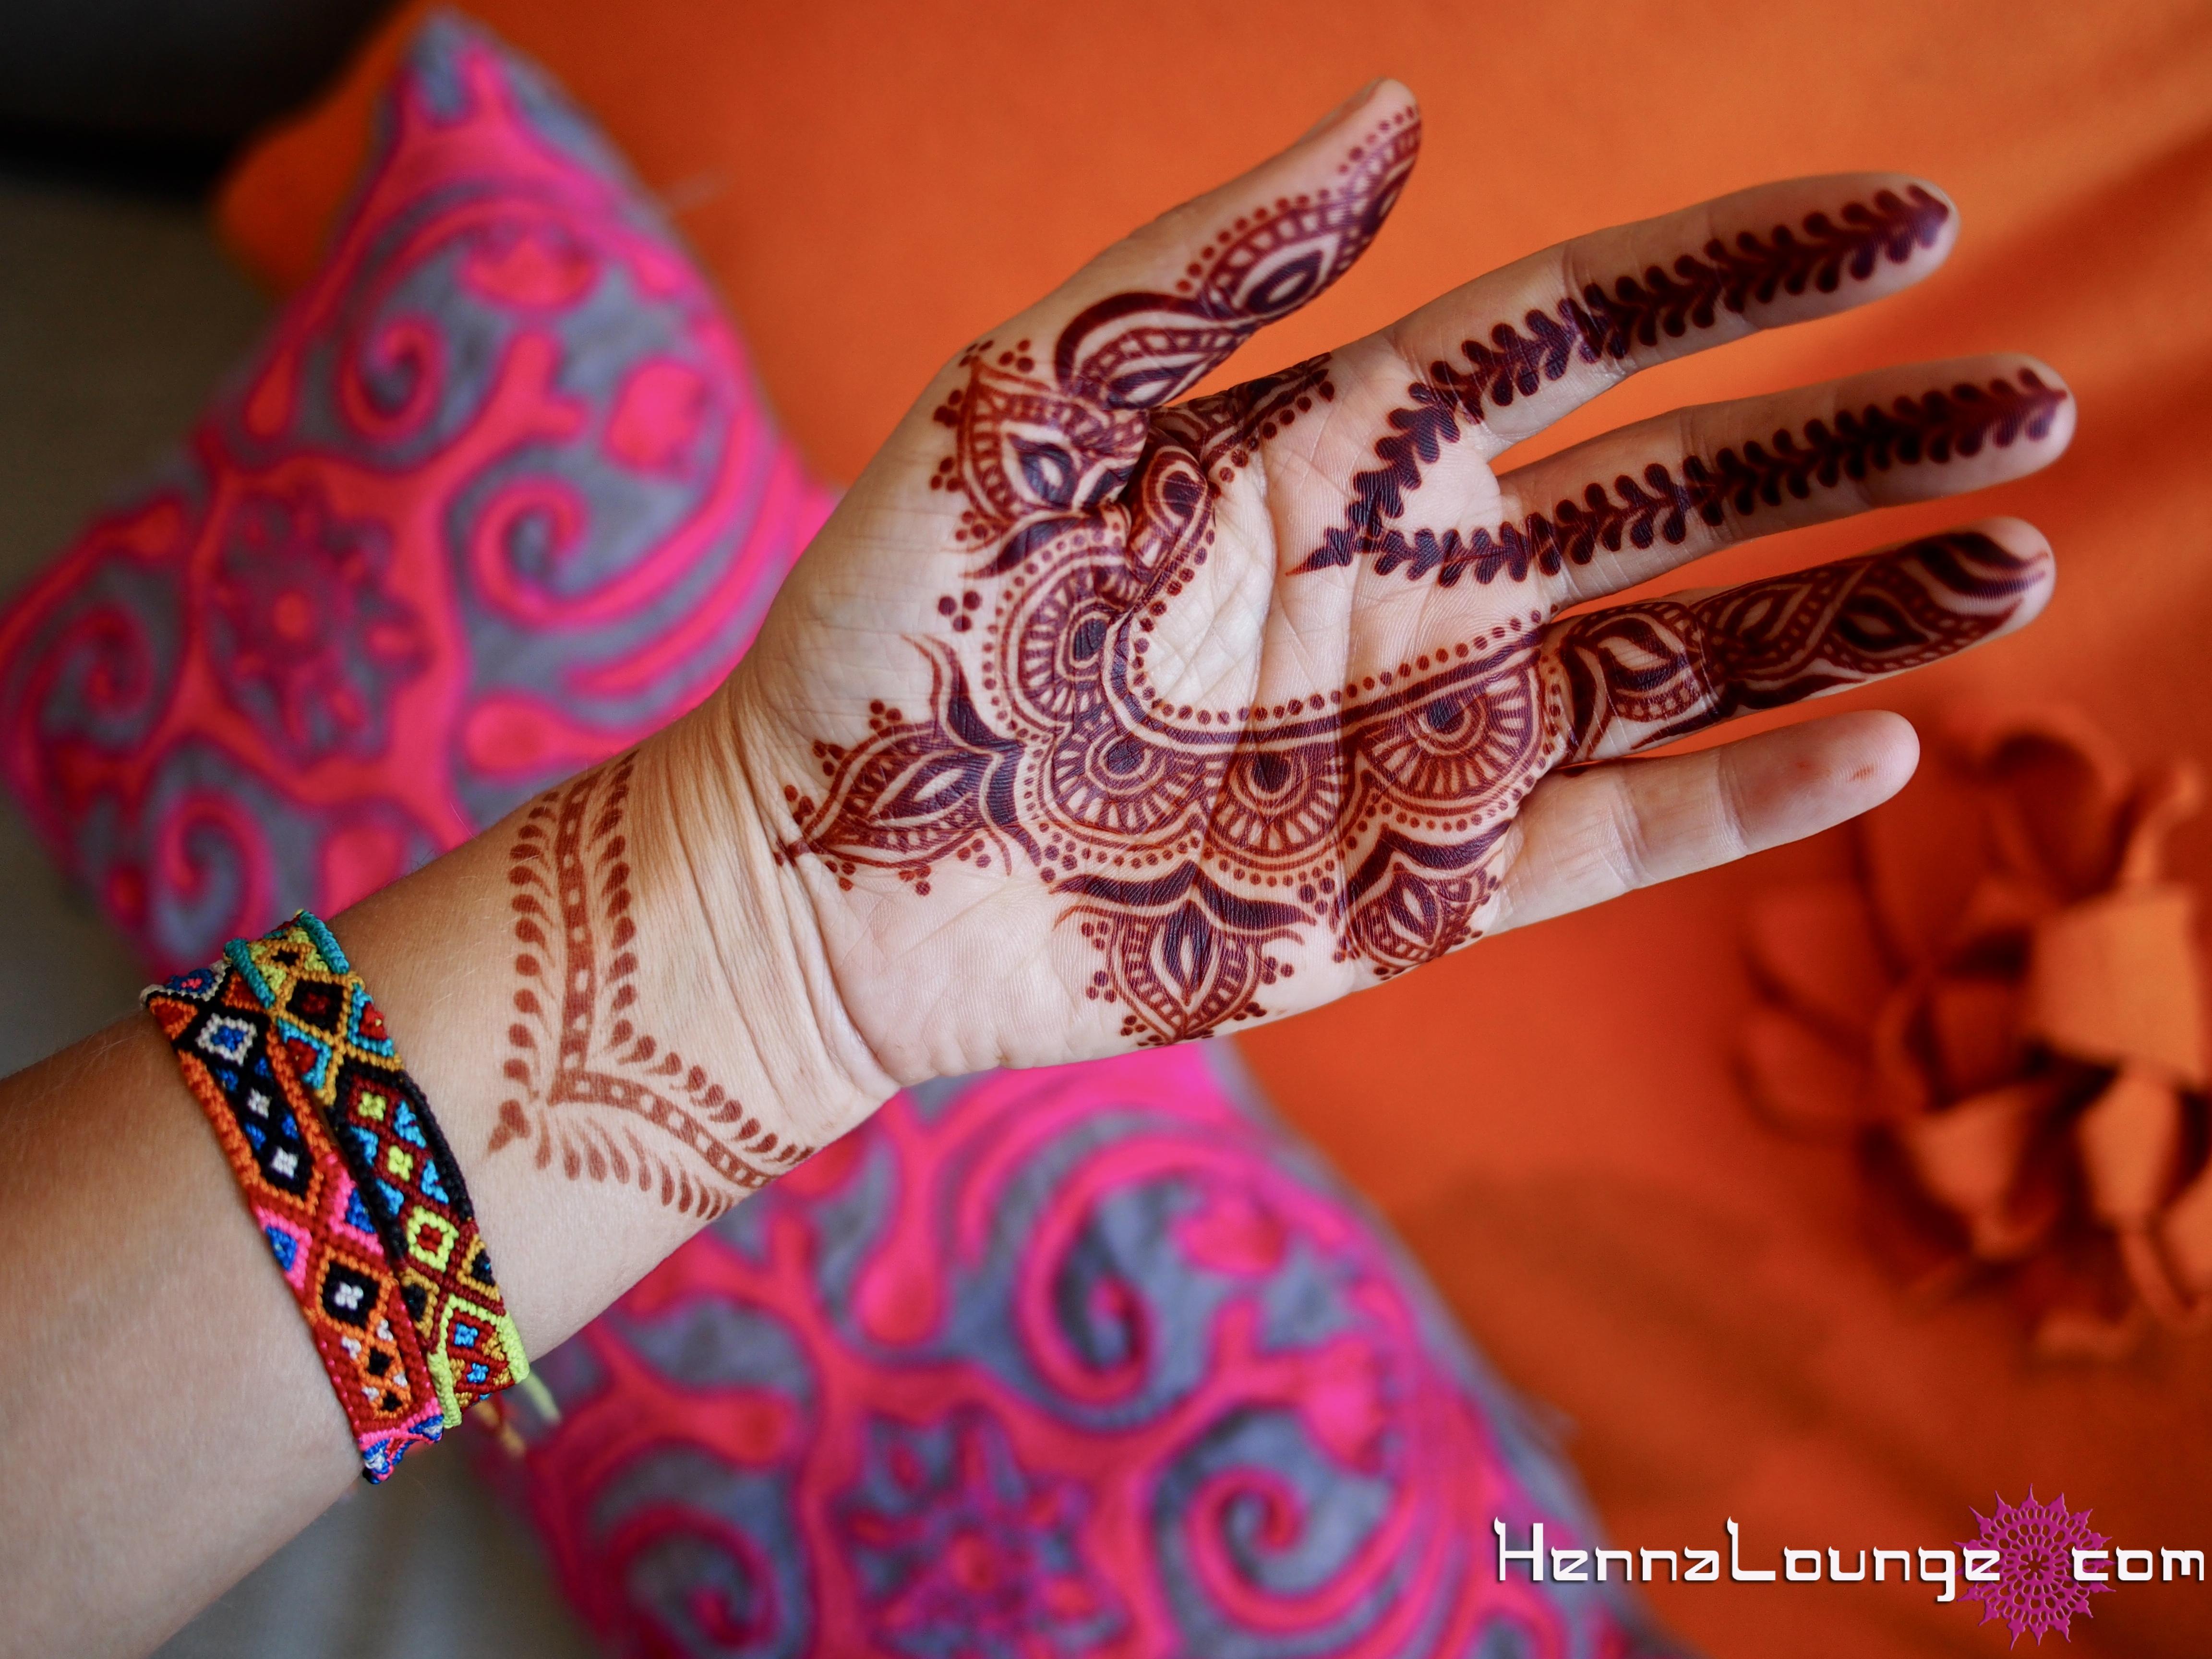 Mehndi Body Art Quality Henna : Henna lounge bay area mehndi artist extraordinaire